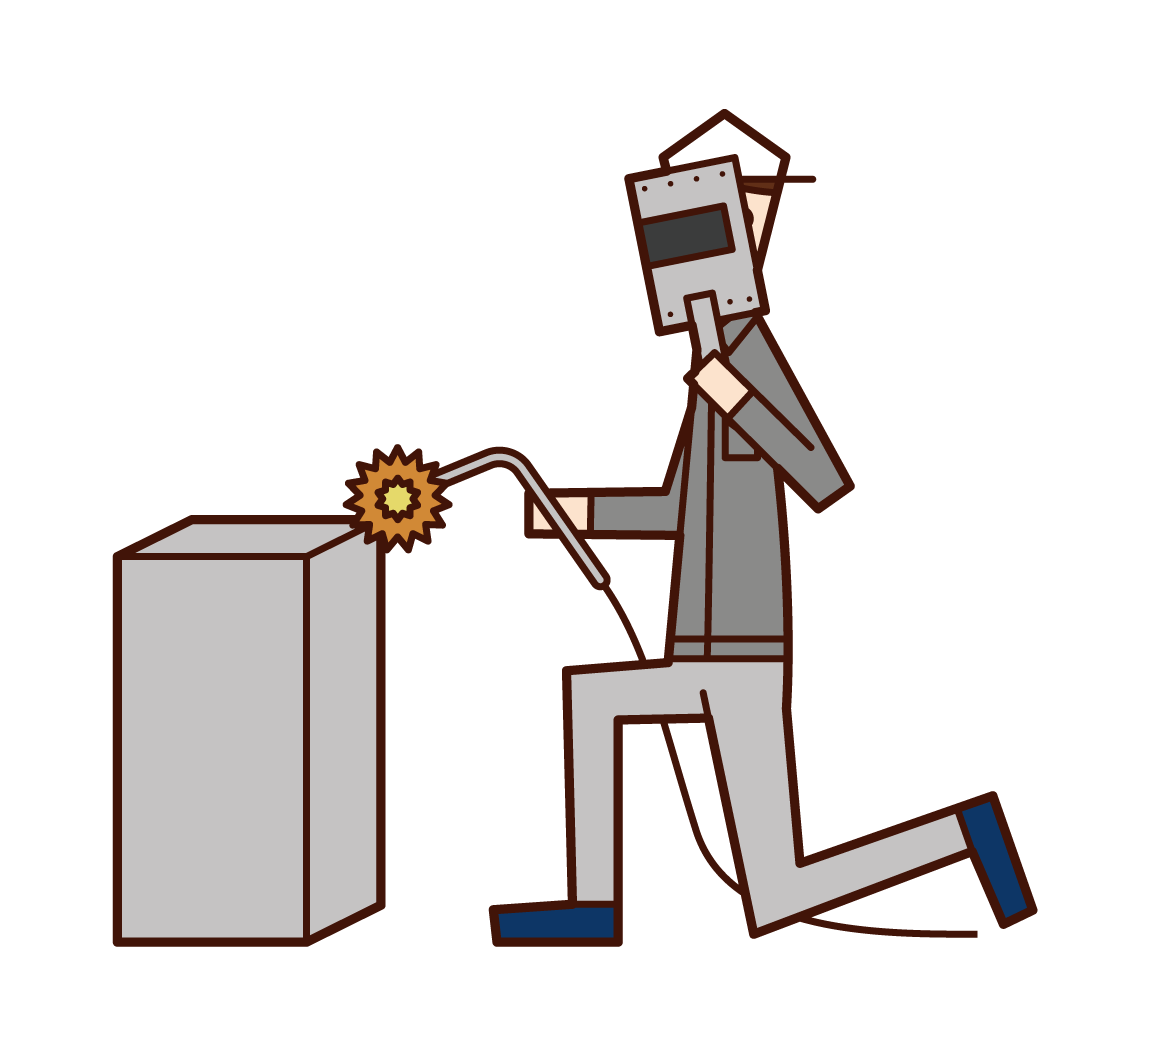 溶接工(男性)のイラスト